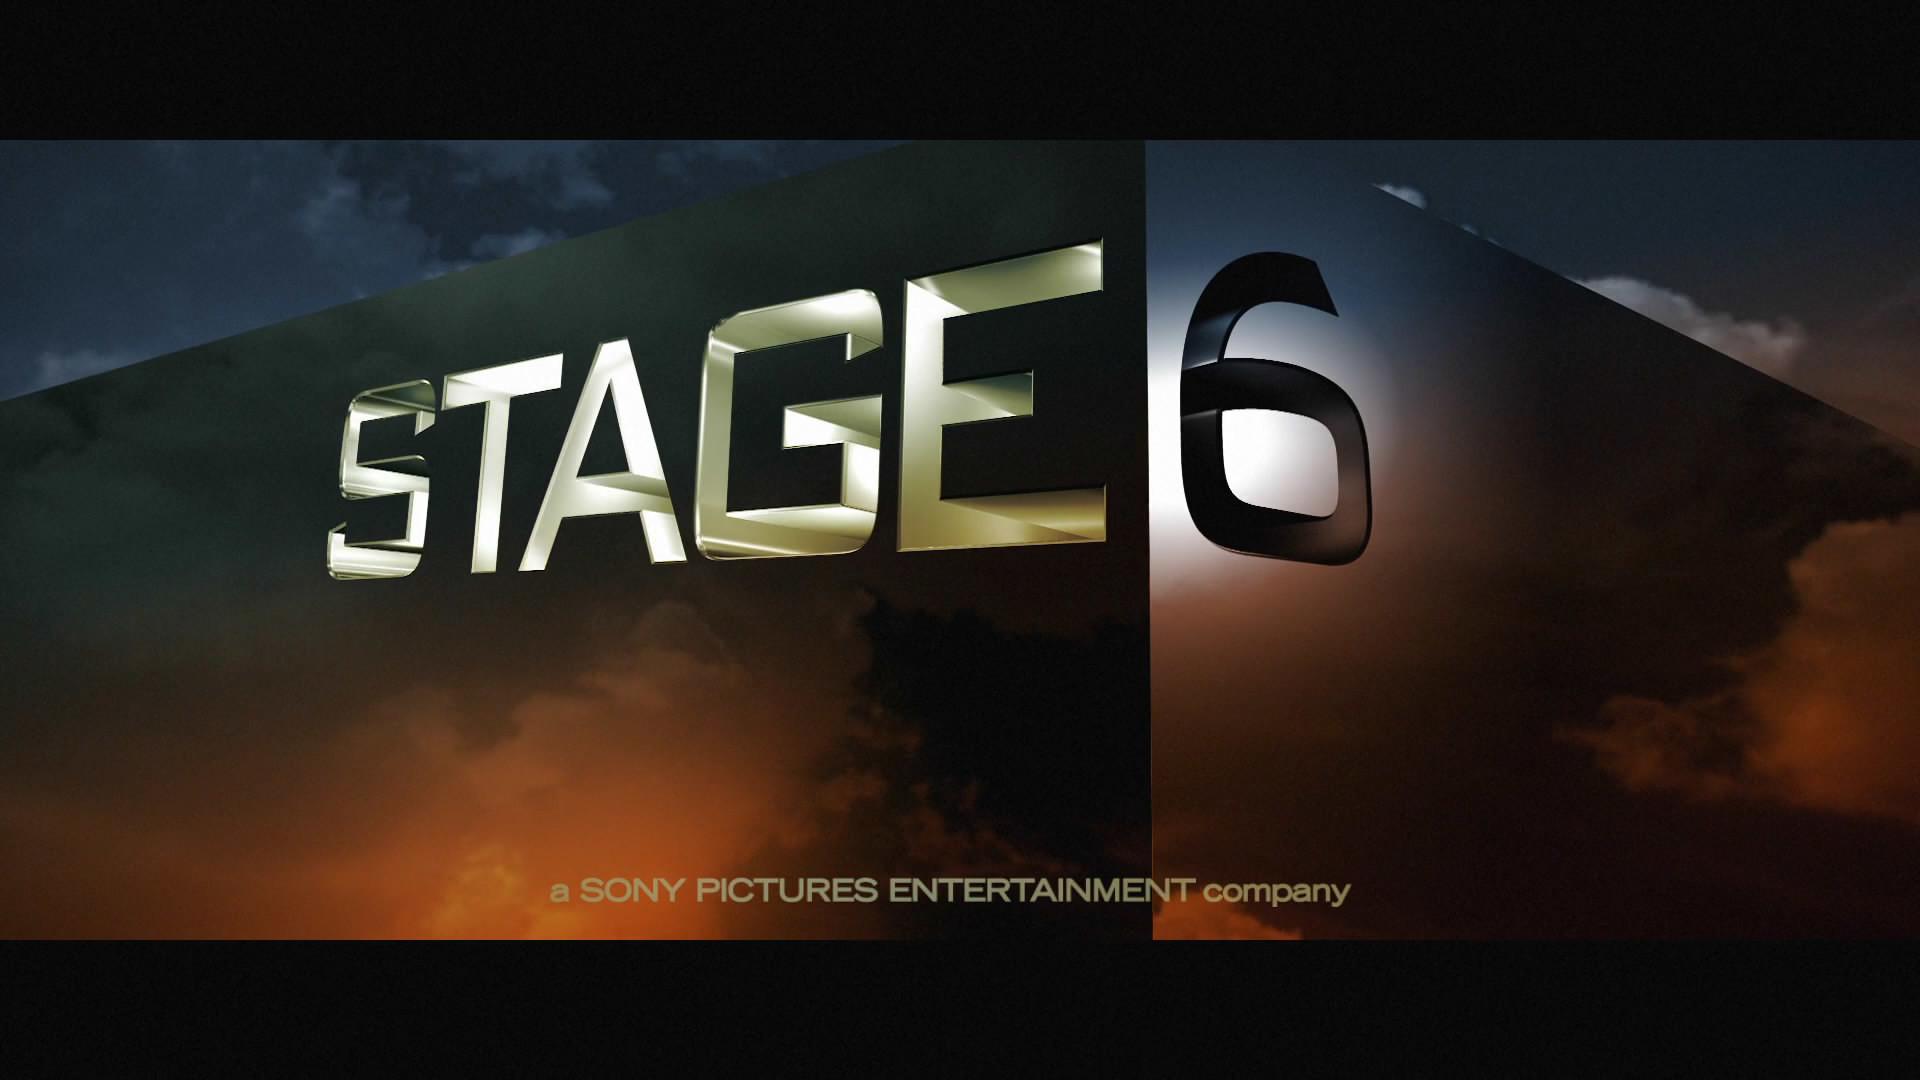 Stage6-logo-sti.jpg